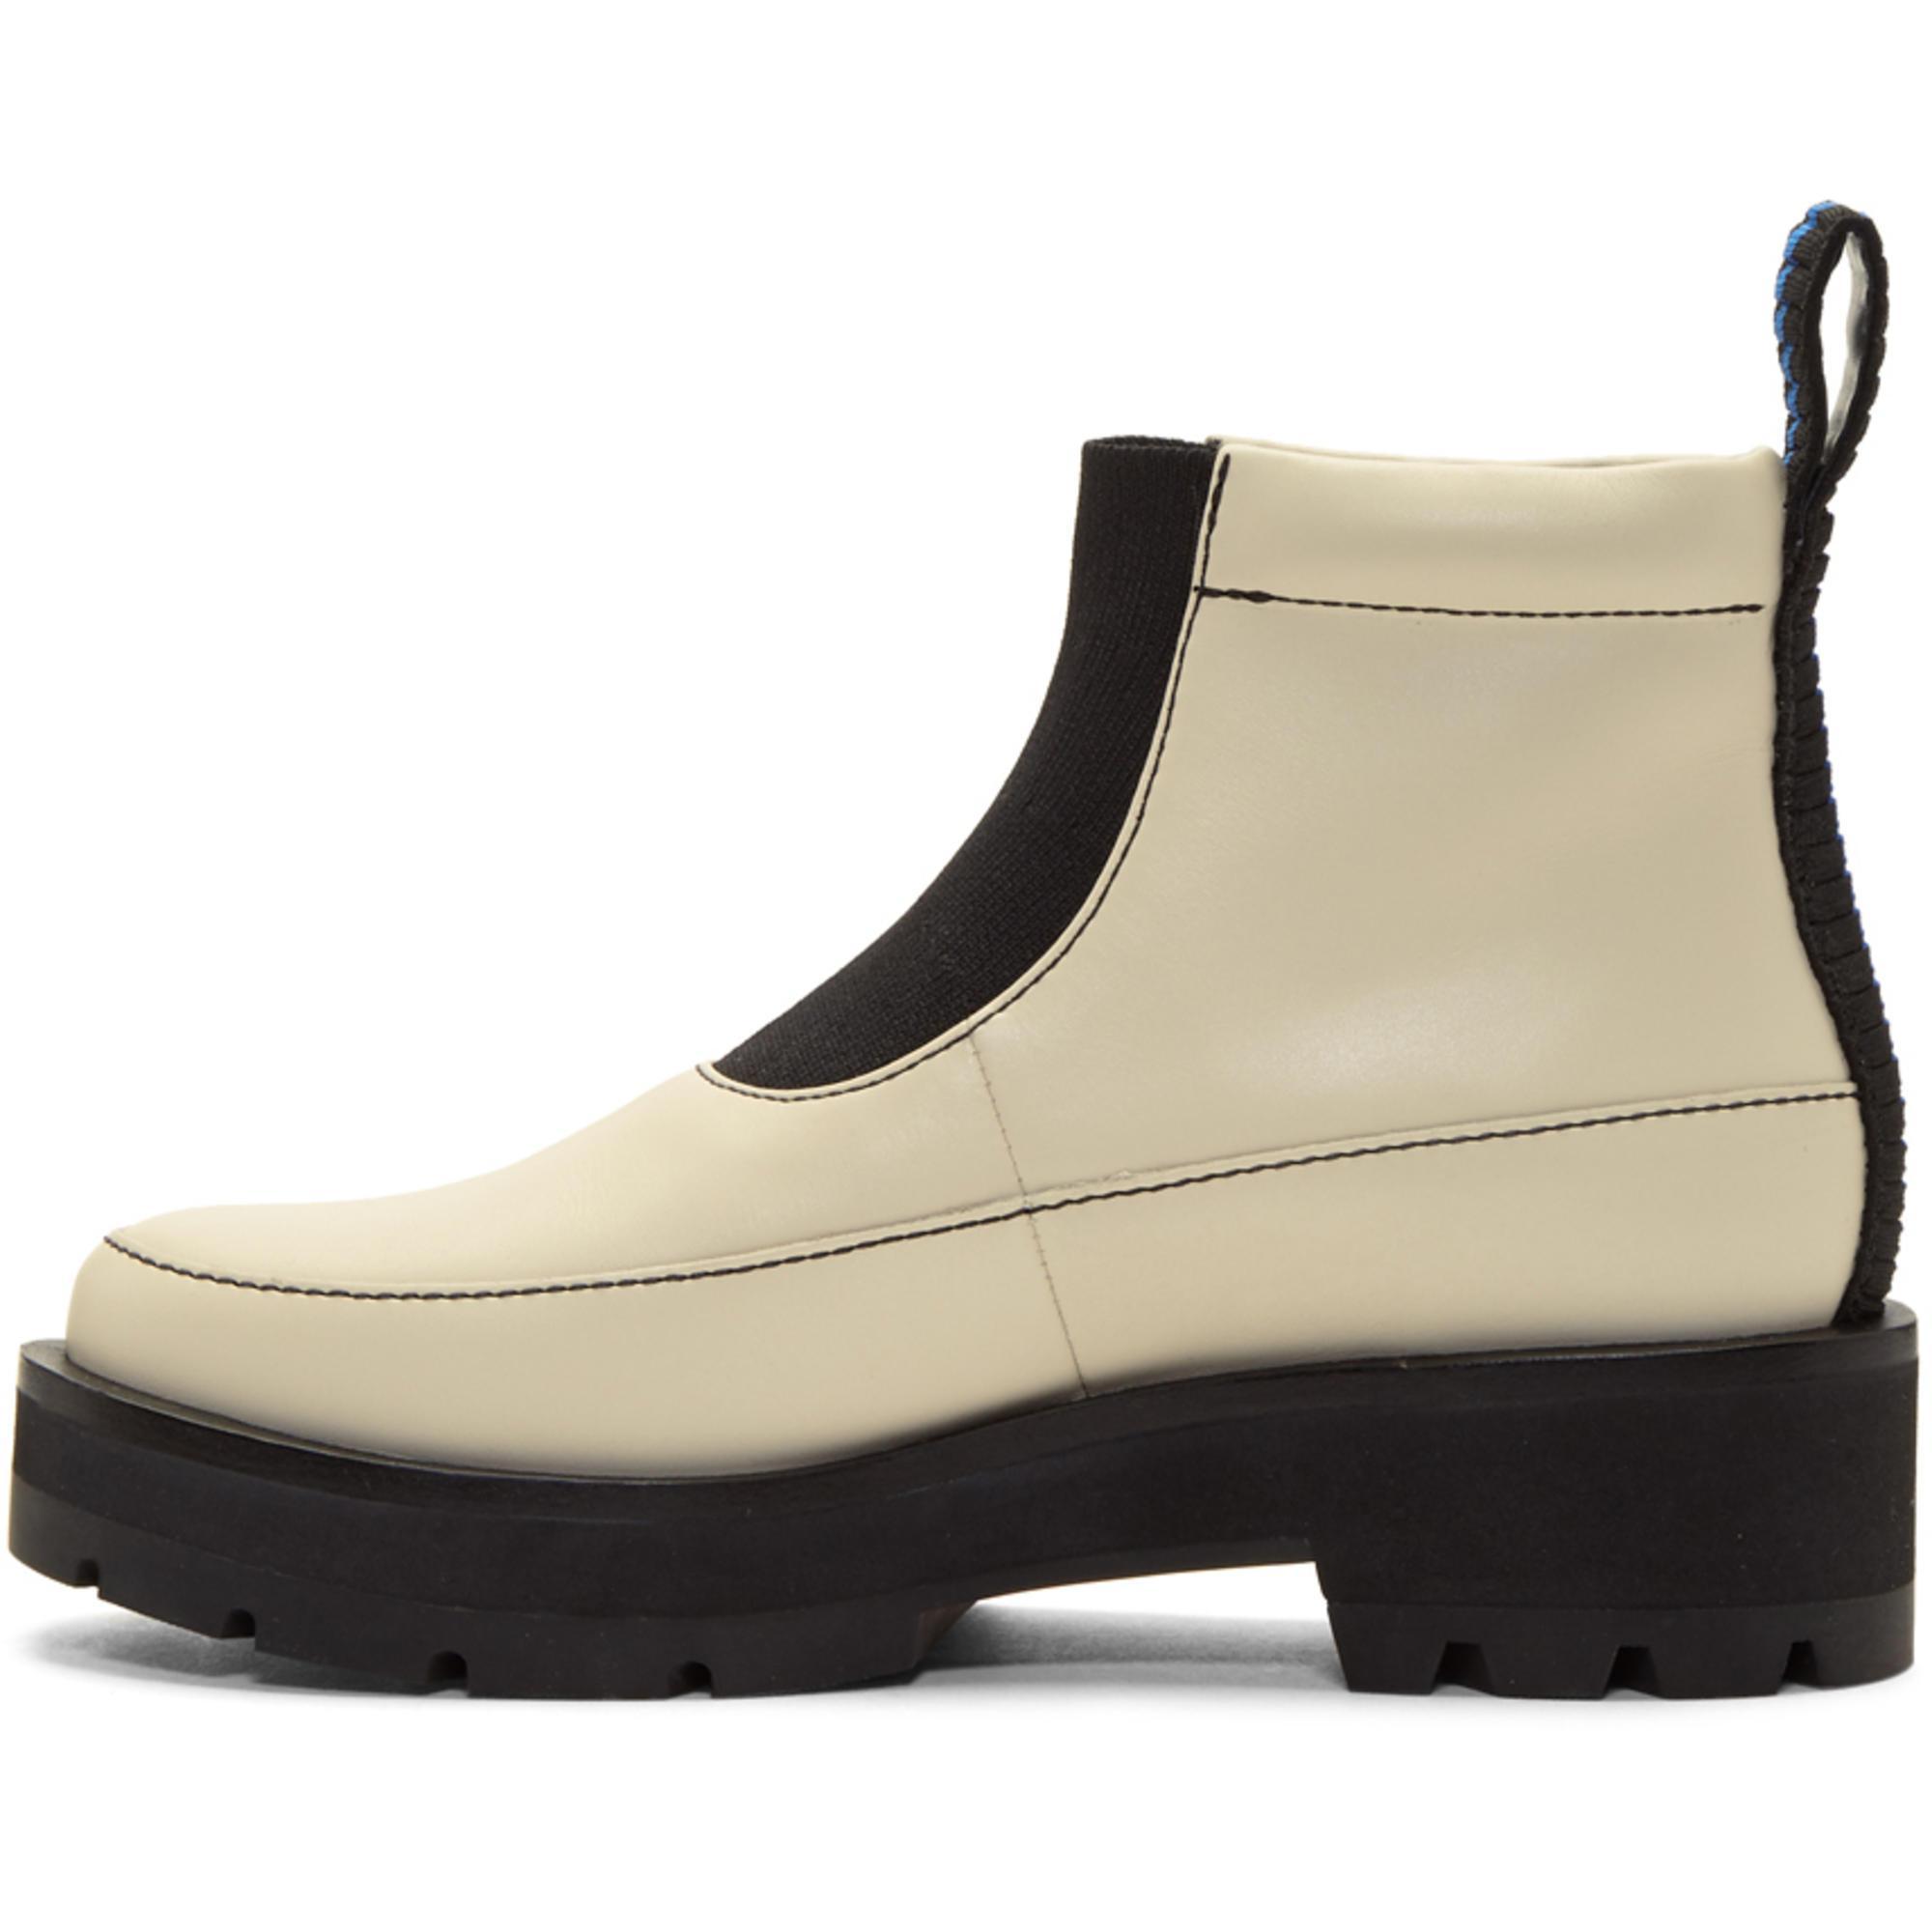 3e75116efac http://maneuver.chaussures-securite-mardon.com/cryogenics ...